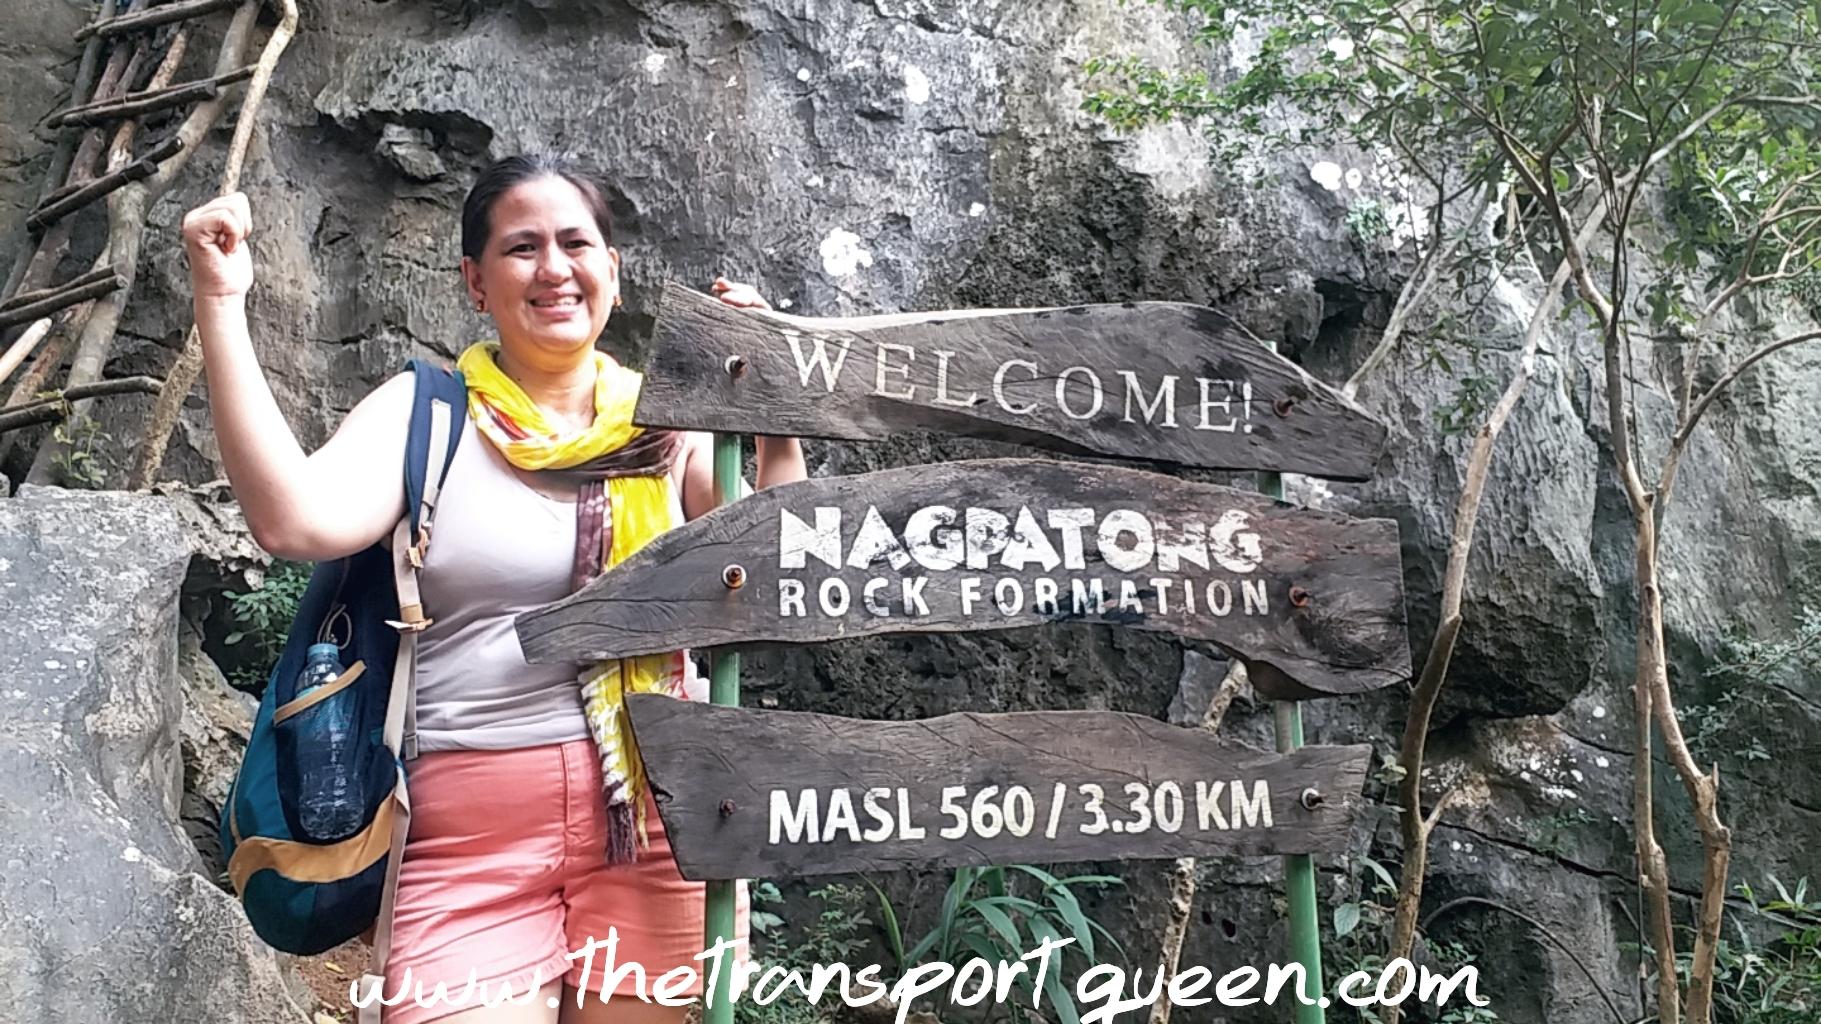 nagpatong rock formation